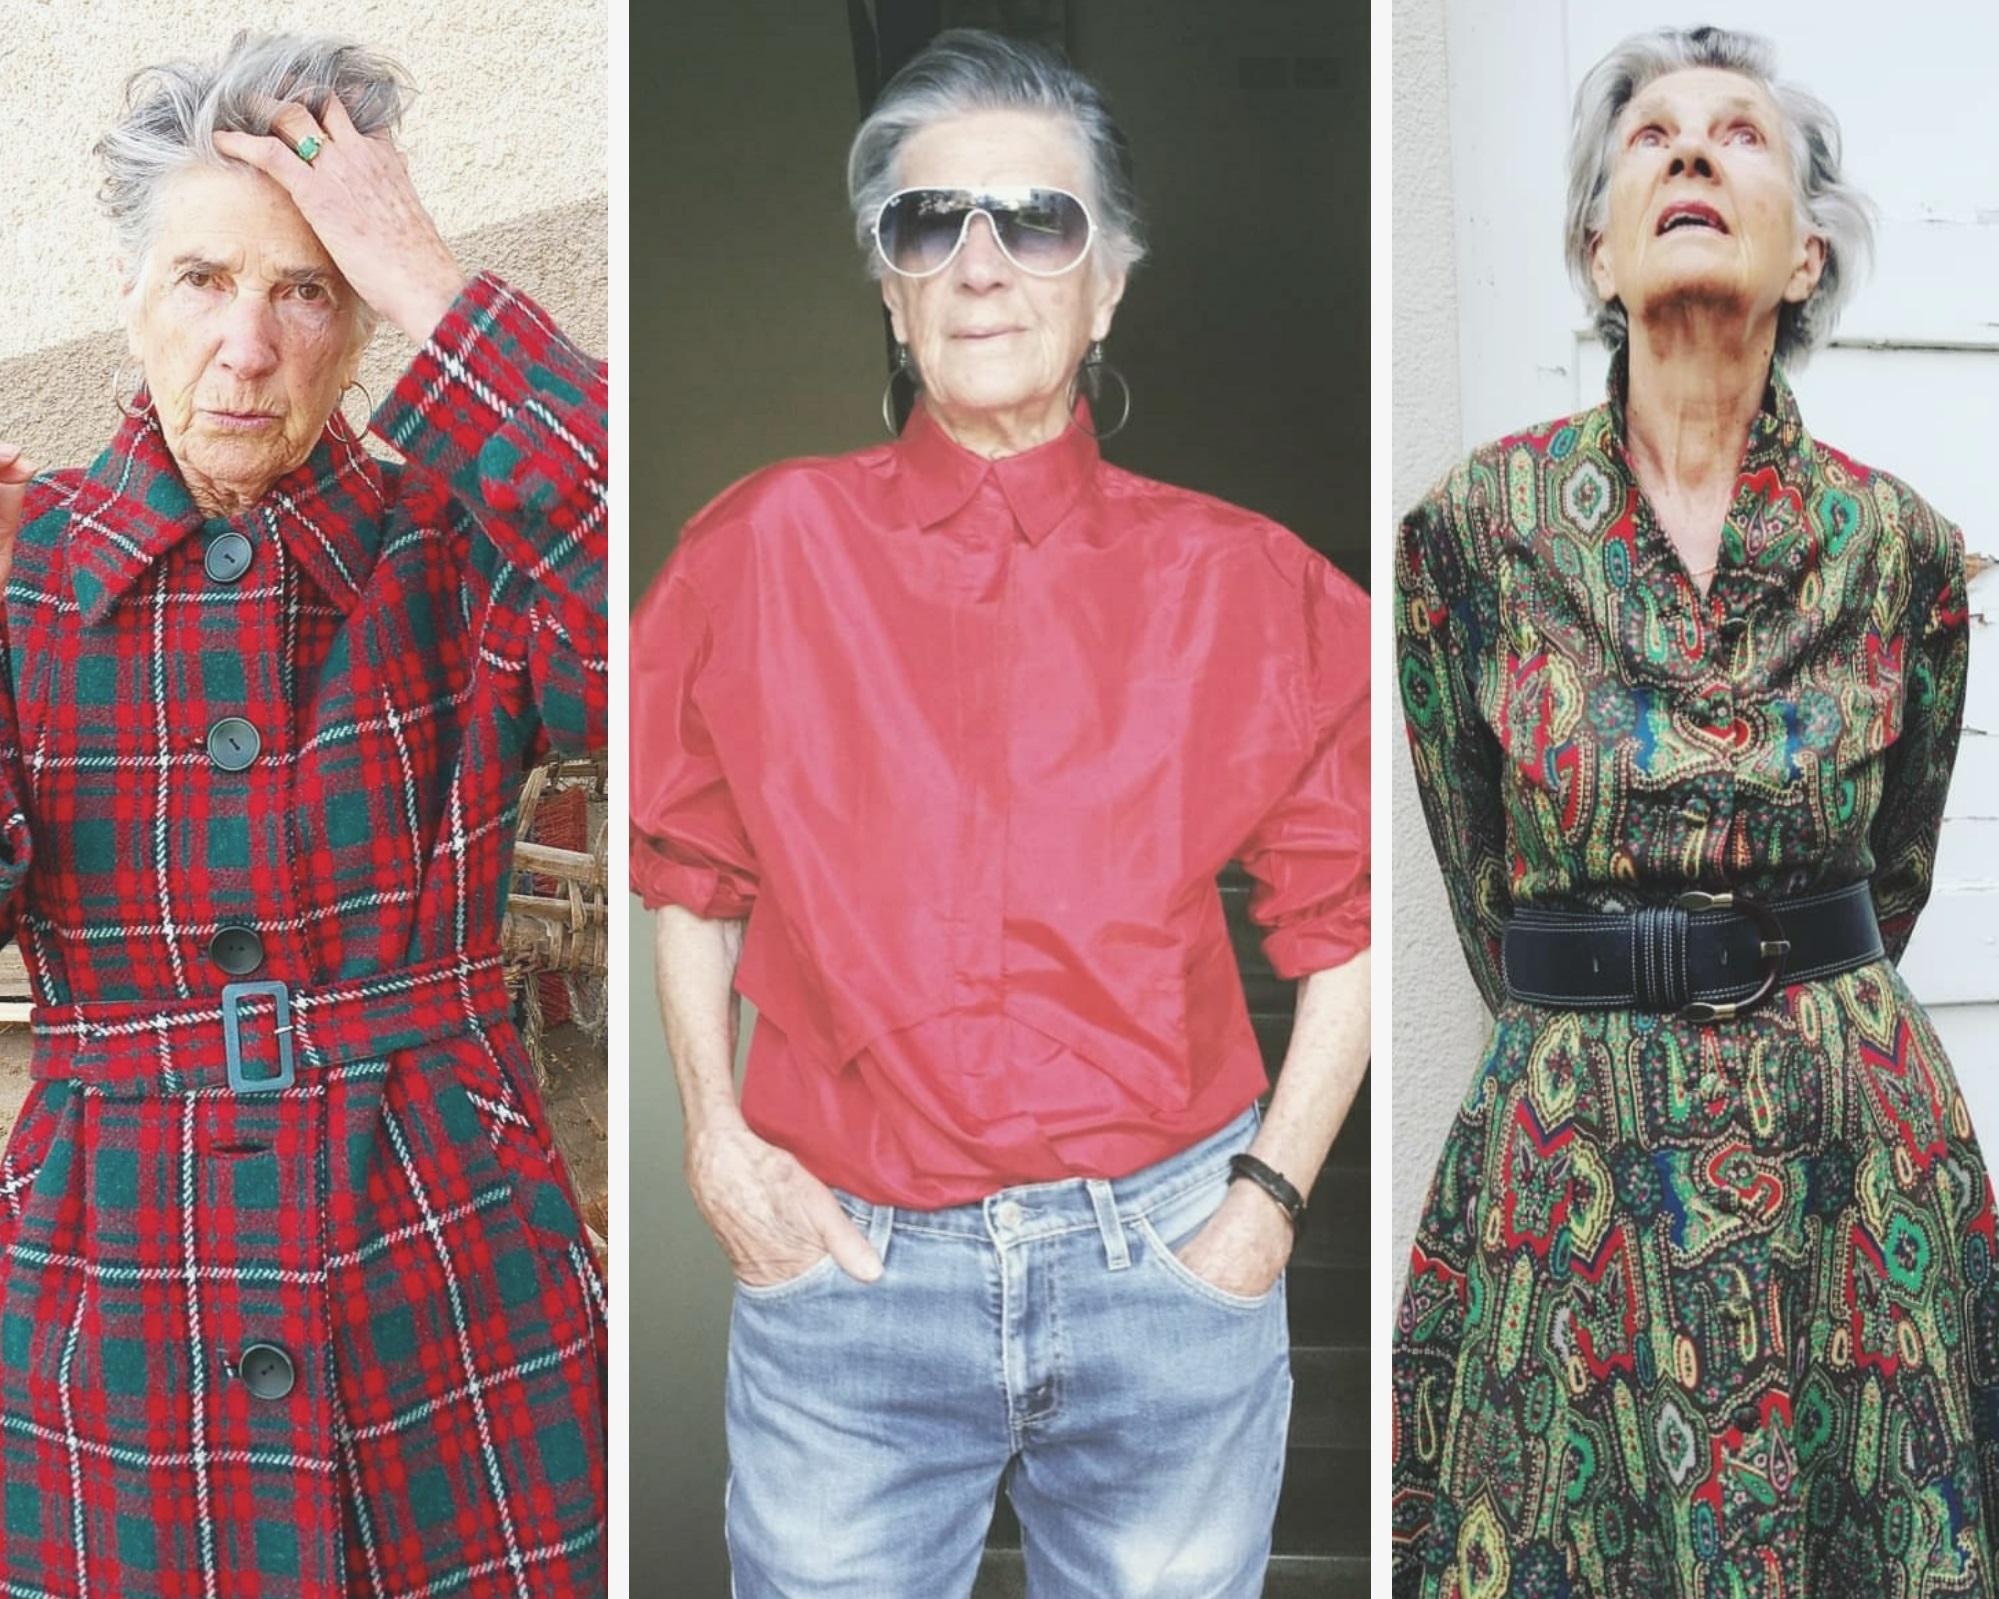 A stílus nem kor kérdése – a 90 éves Teresa az Instan inspirál évtizedes ruháival